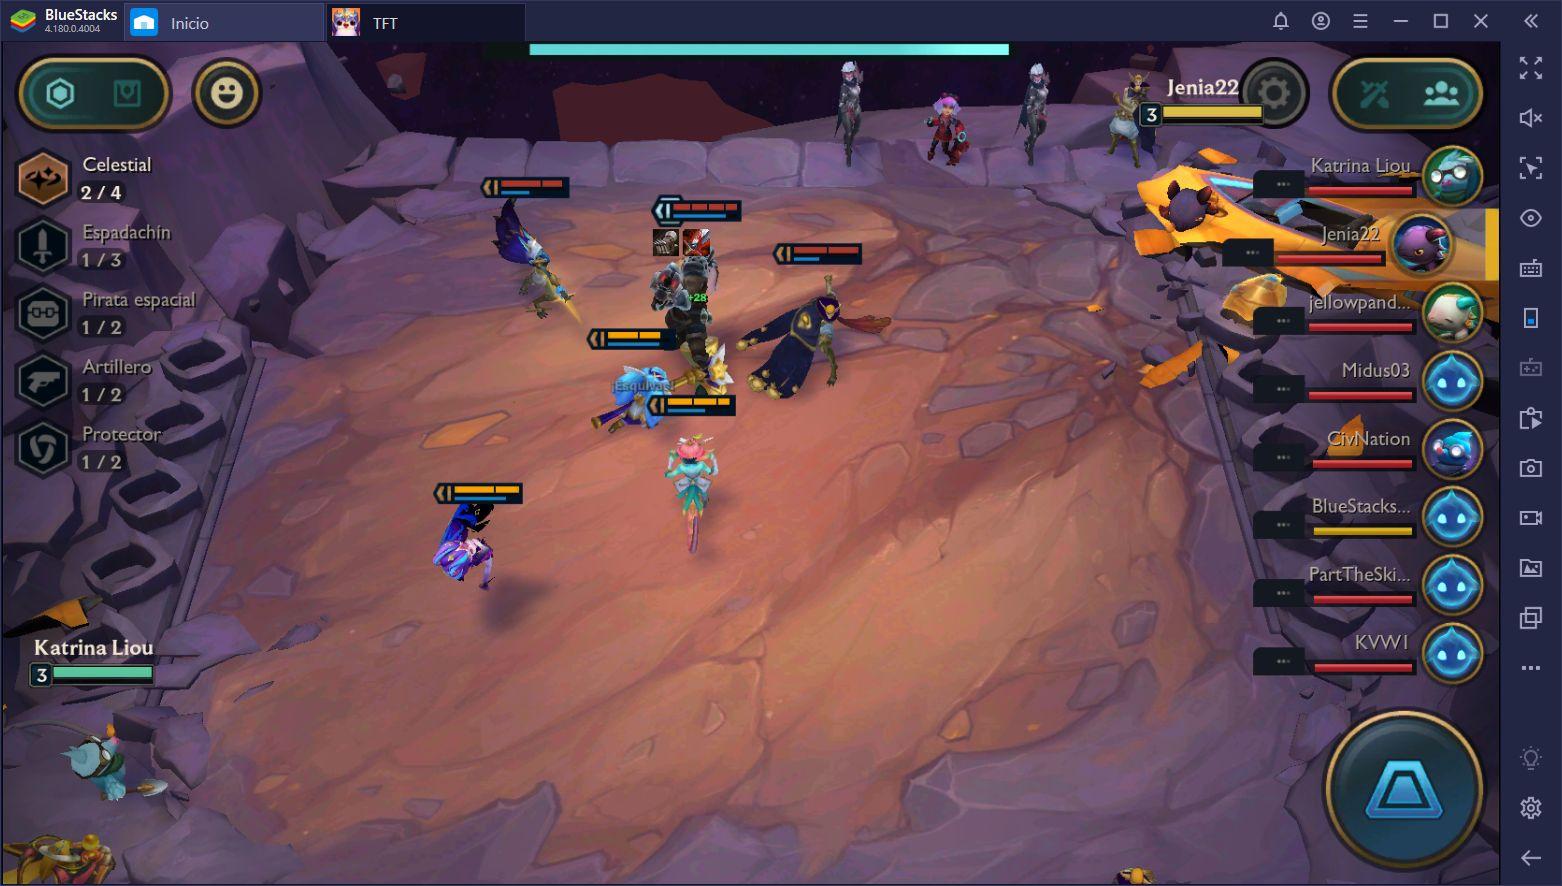 Cómo Comenzar en Teamfight Tactics con BlueStacks